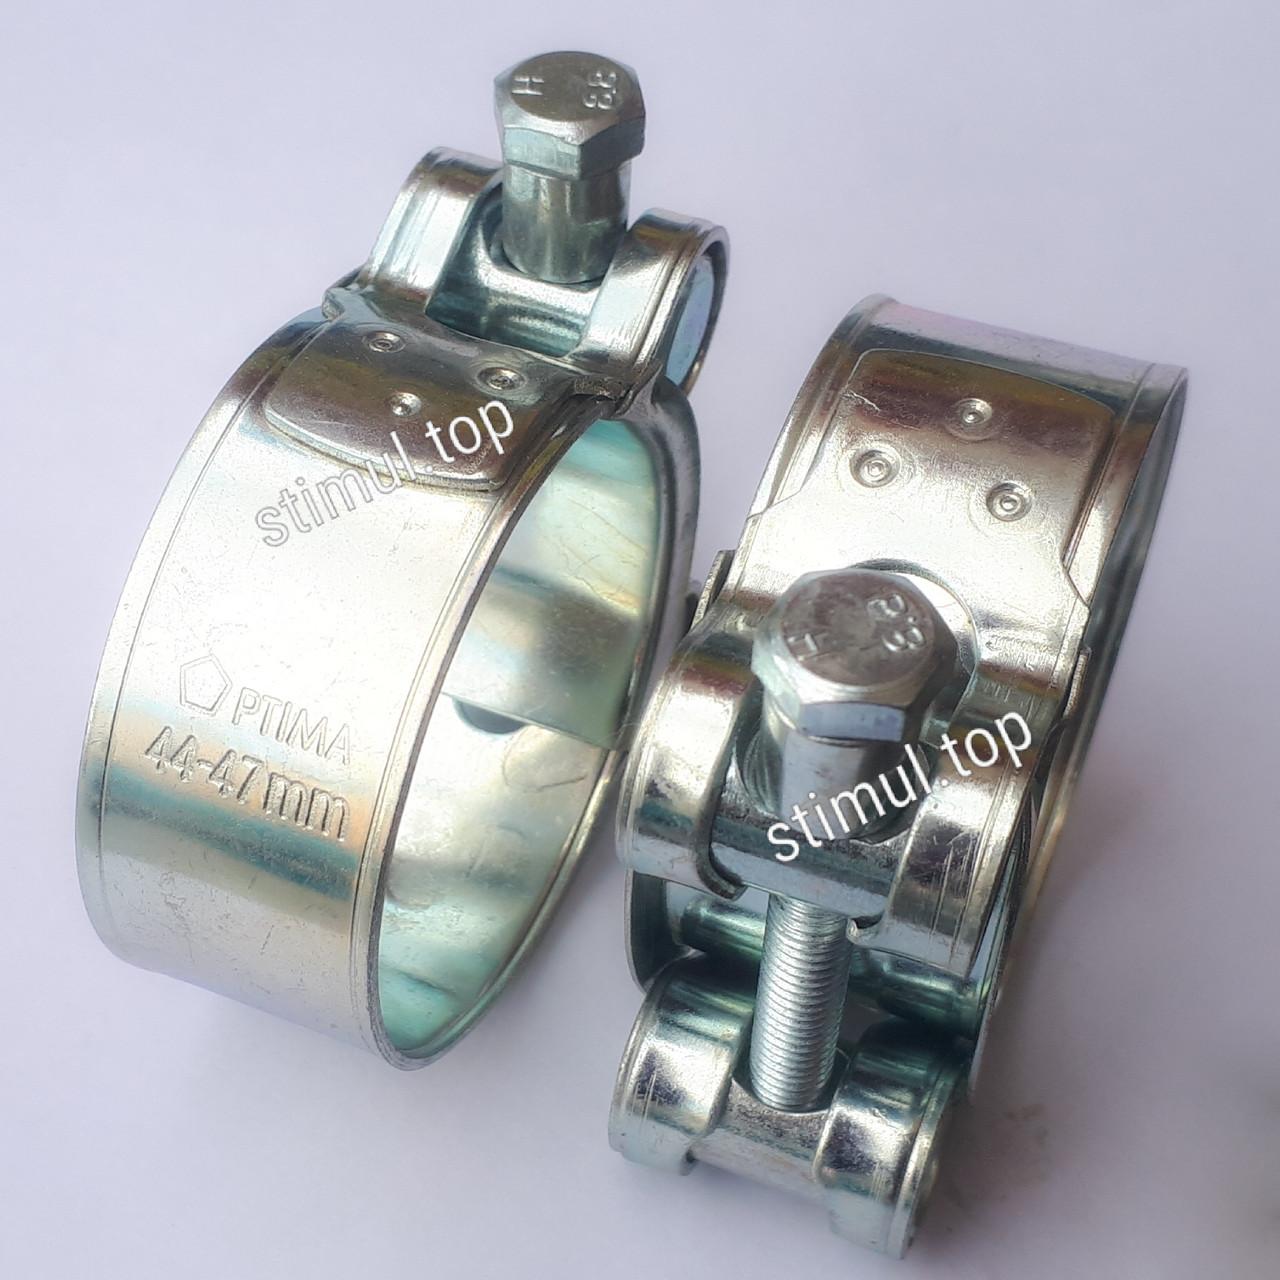 98-103 мм / Хомут усиленный болтовой / Optima / Силовой хомут для шлангов высокого давления/Хомути оцинковані